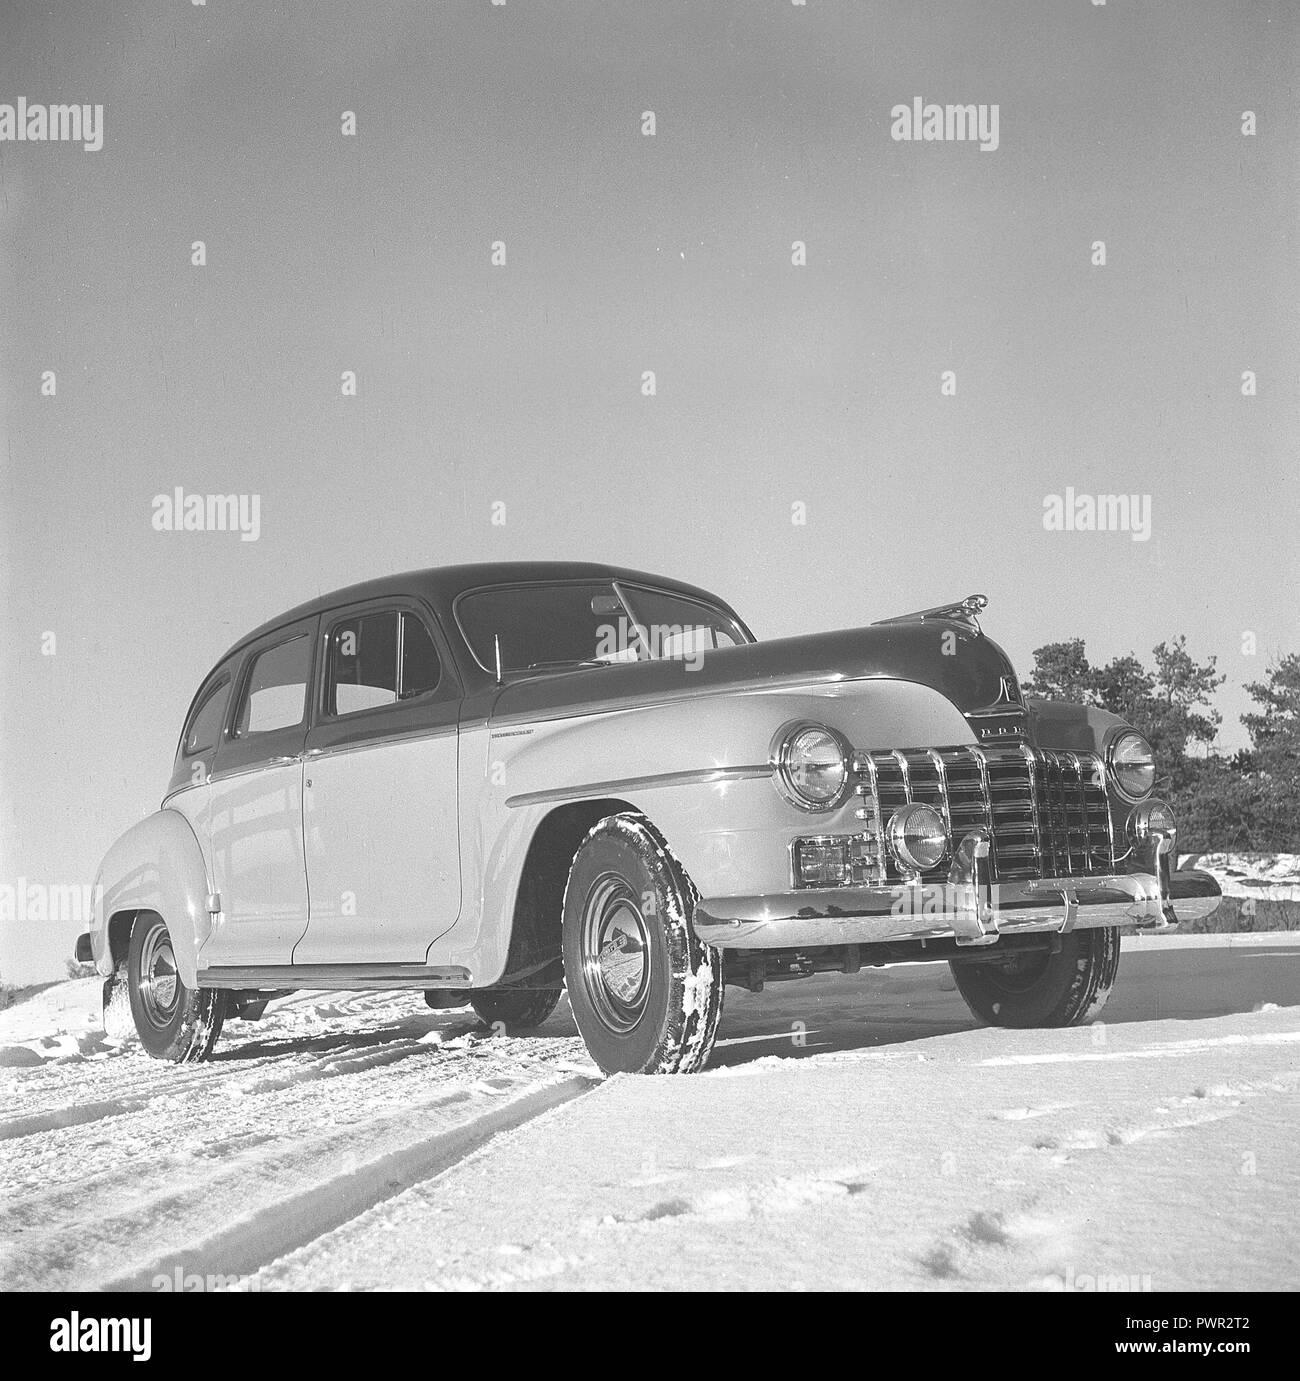 Autos, die in den 1940er Jahren. Wie es aussieht, eine neue American Dodge Auto, in der Sonne an einem Wintertag geparkt. Die crome auf dem Kotflügel, Grill, Listen und Radkappen, glitzert in der Sonne. Schweden 1940. Foto Kristoffersson ref BIN90-4 arbeitet Stockbild